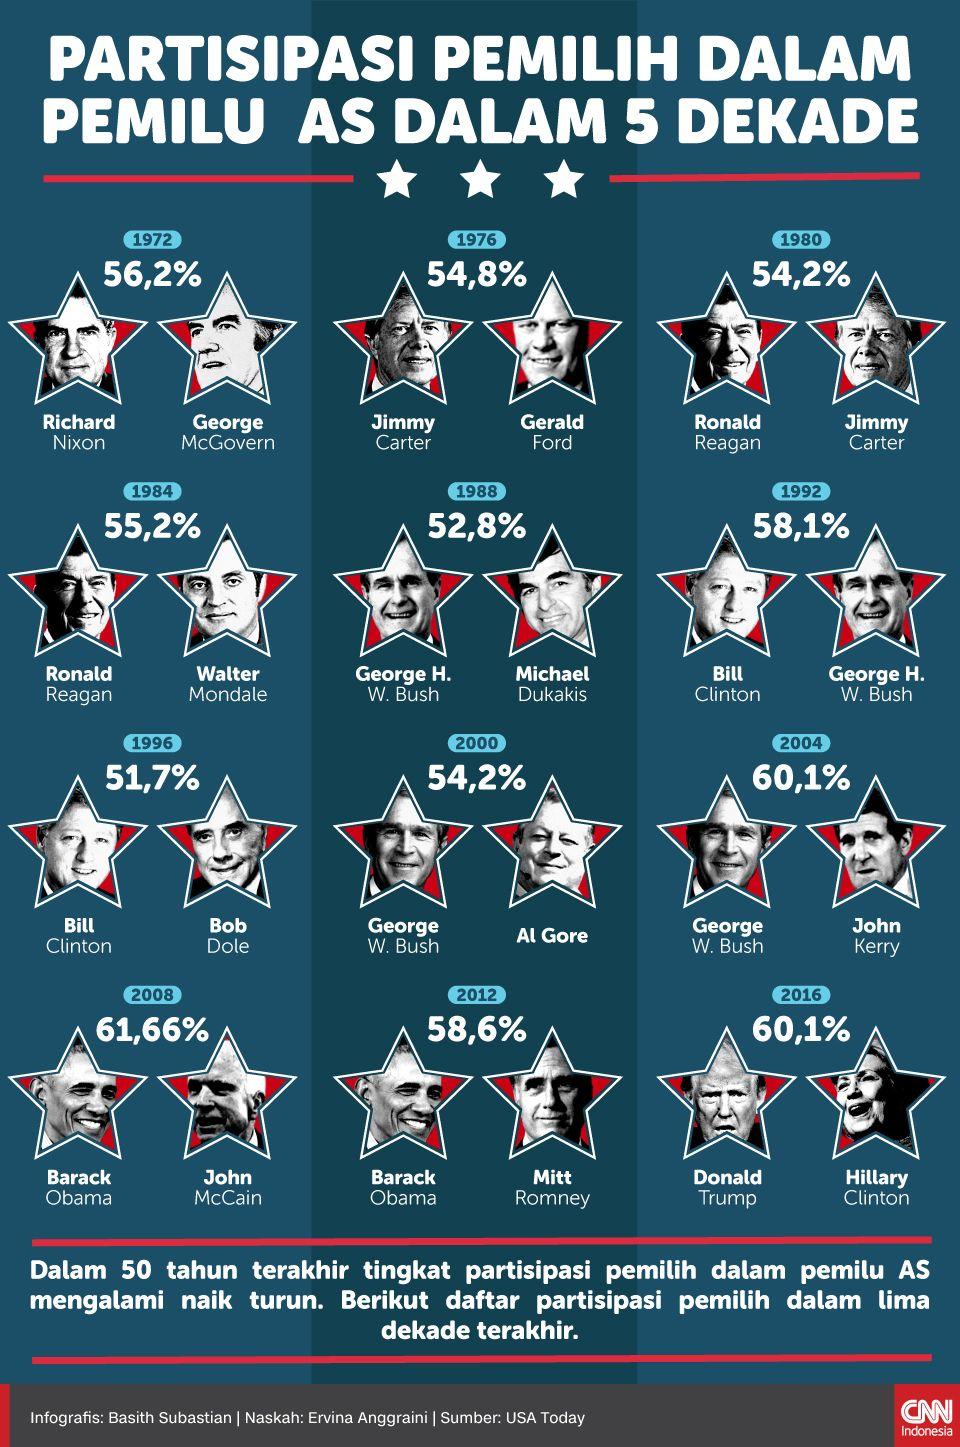 Infografis Partisipasi Pemilih dalam Pemilu AS dalam 5 Dekade